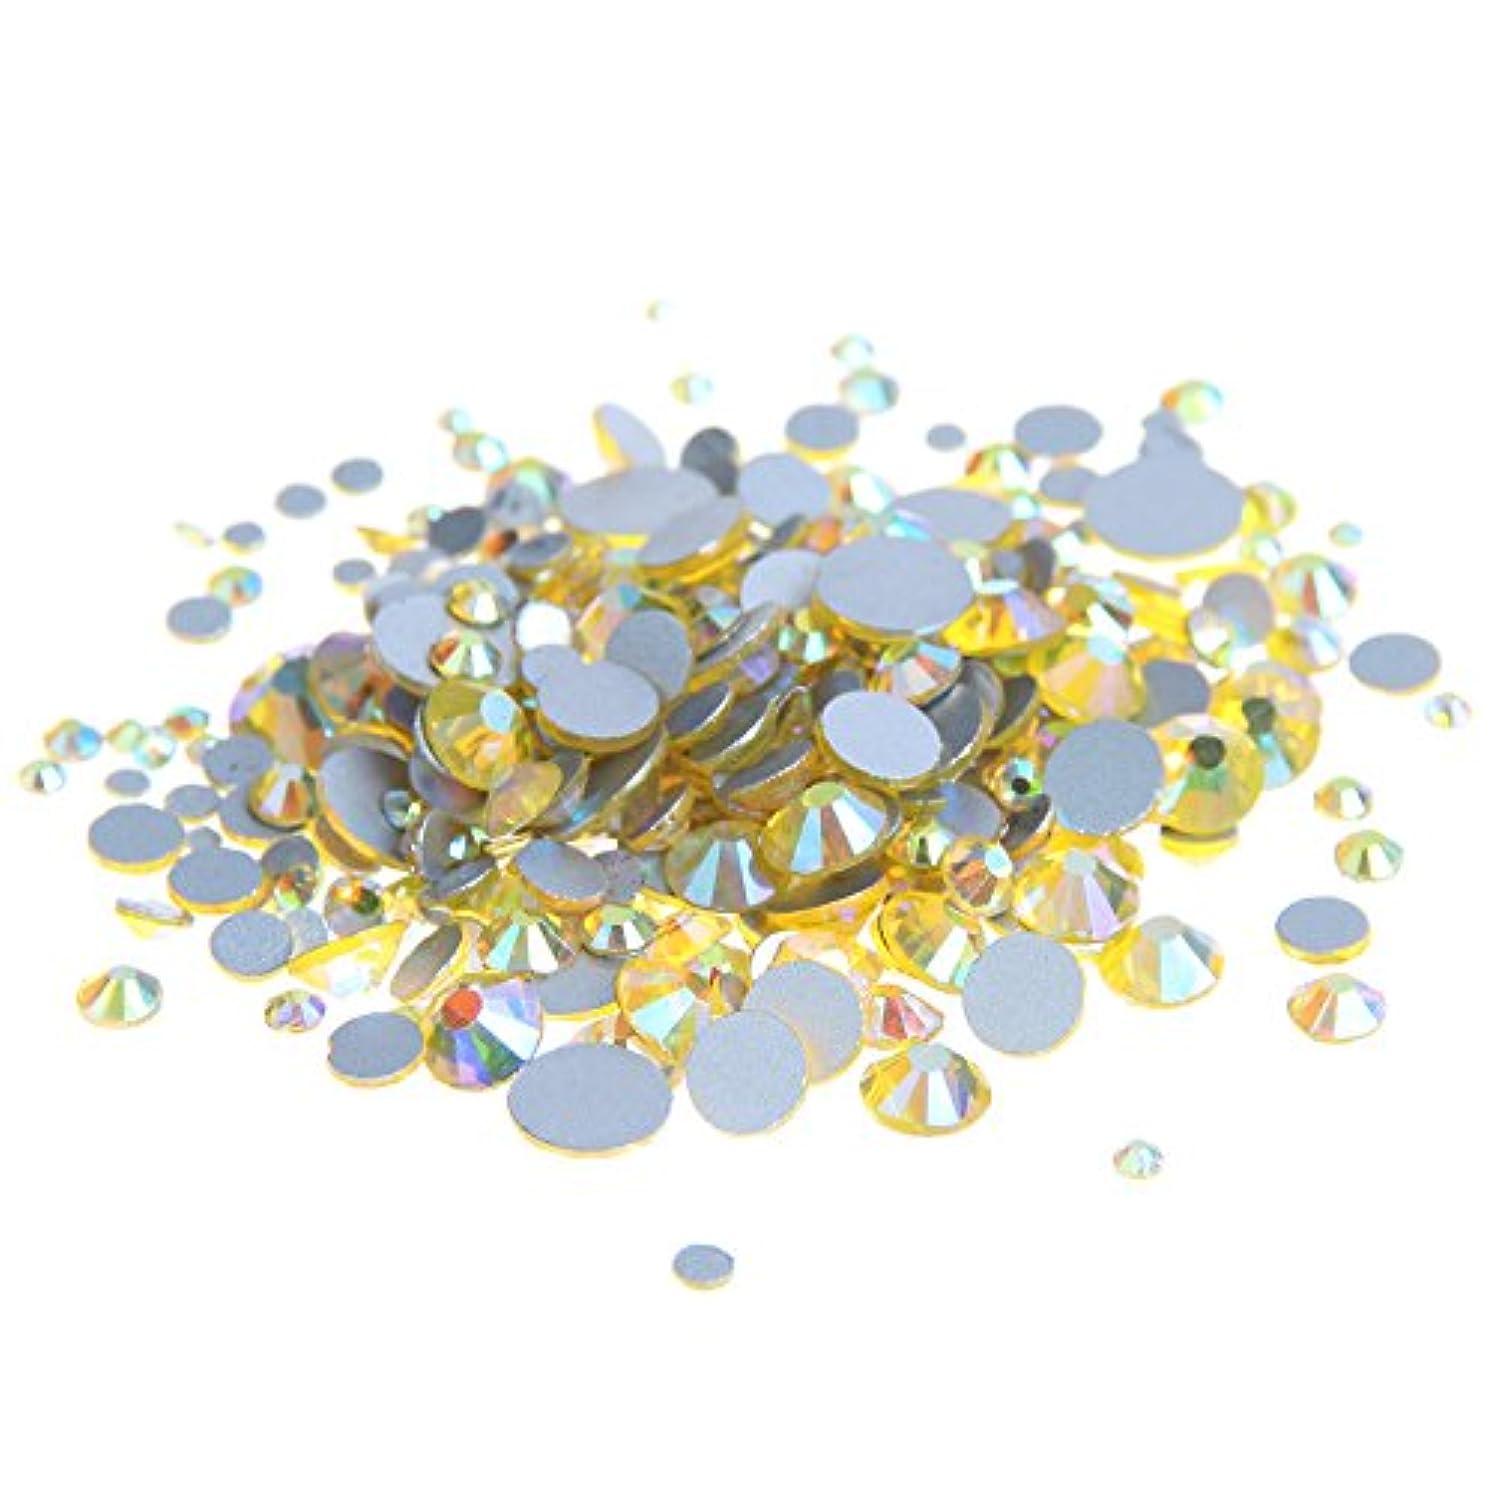 レシピアクティビティ時制Nizi ジュエリー ブランド シトリンオーロラ ラインストーン は ガラスの材質 ネイル使用 型番ss3-ss30 (混合サイズ 1000pcs)